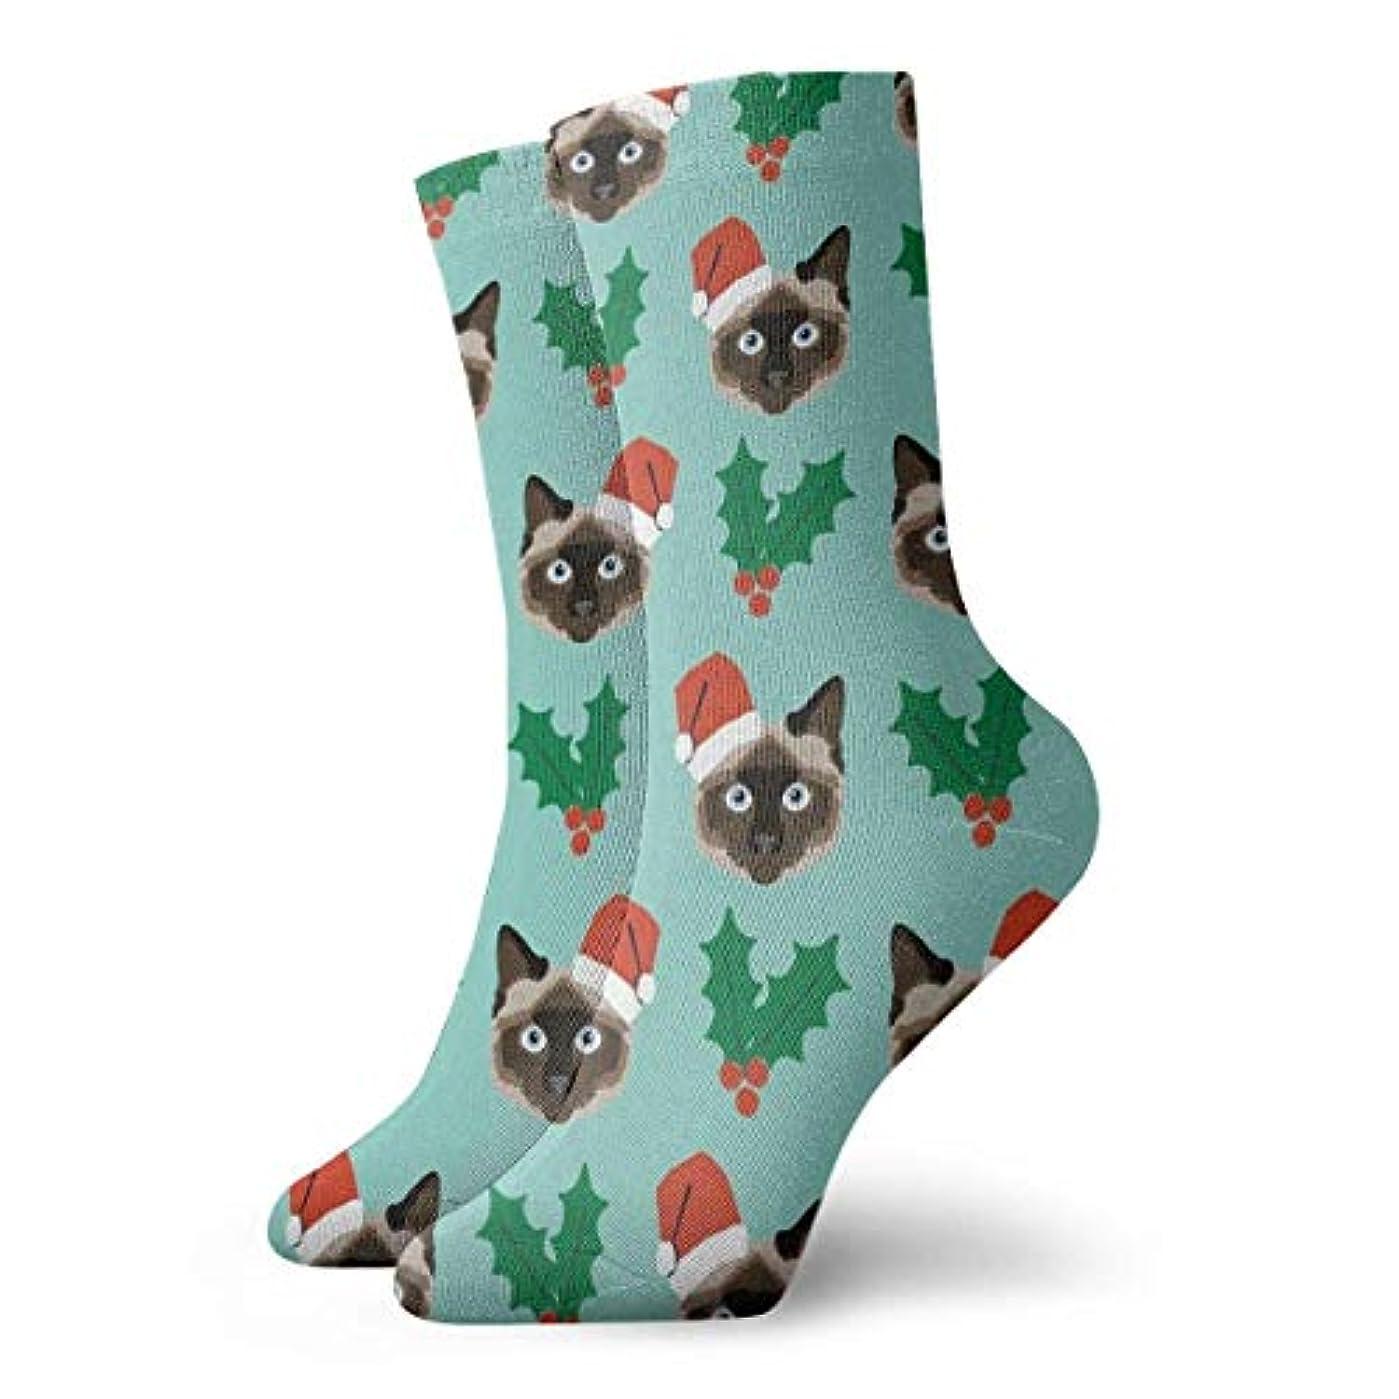 く着実に平均qrriyメンズシャムクリスマス猫ソフトストレッチクリスマス休日クールカジュアルドレスソックス、カジュアルクルースリッパソックス、デザイン